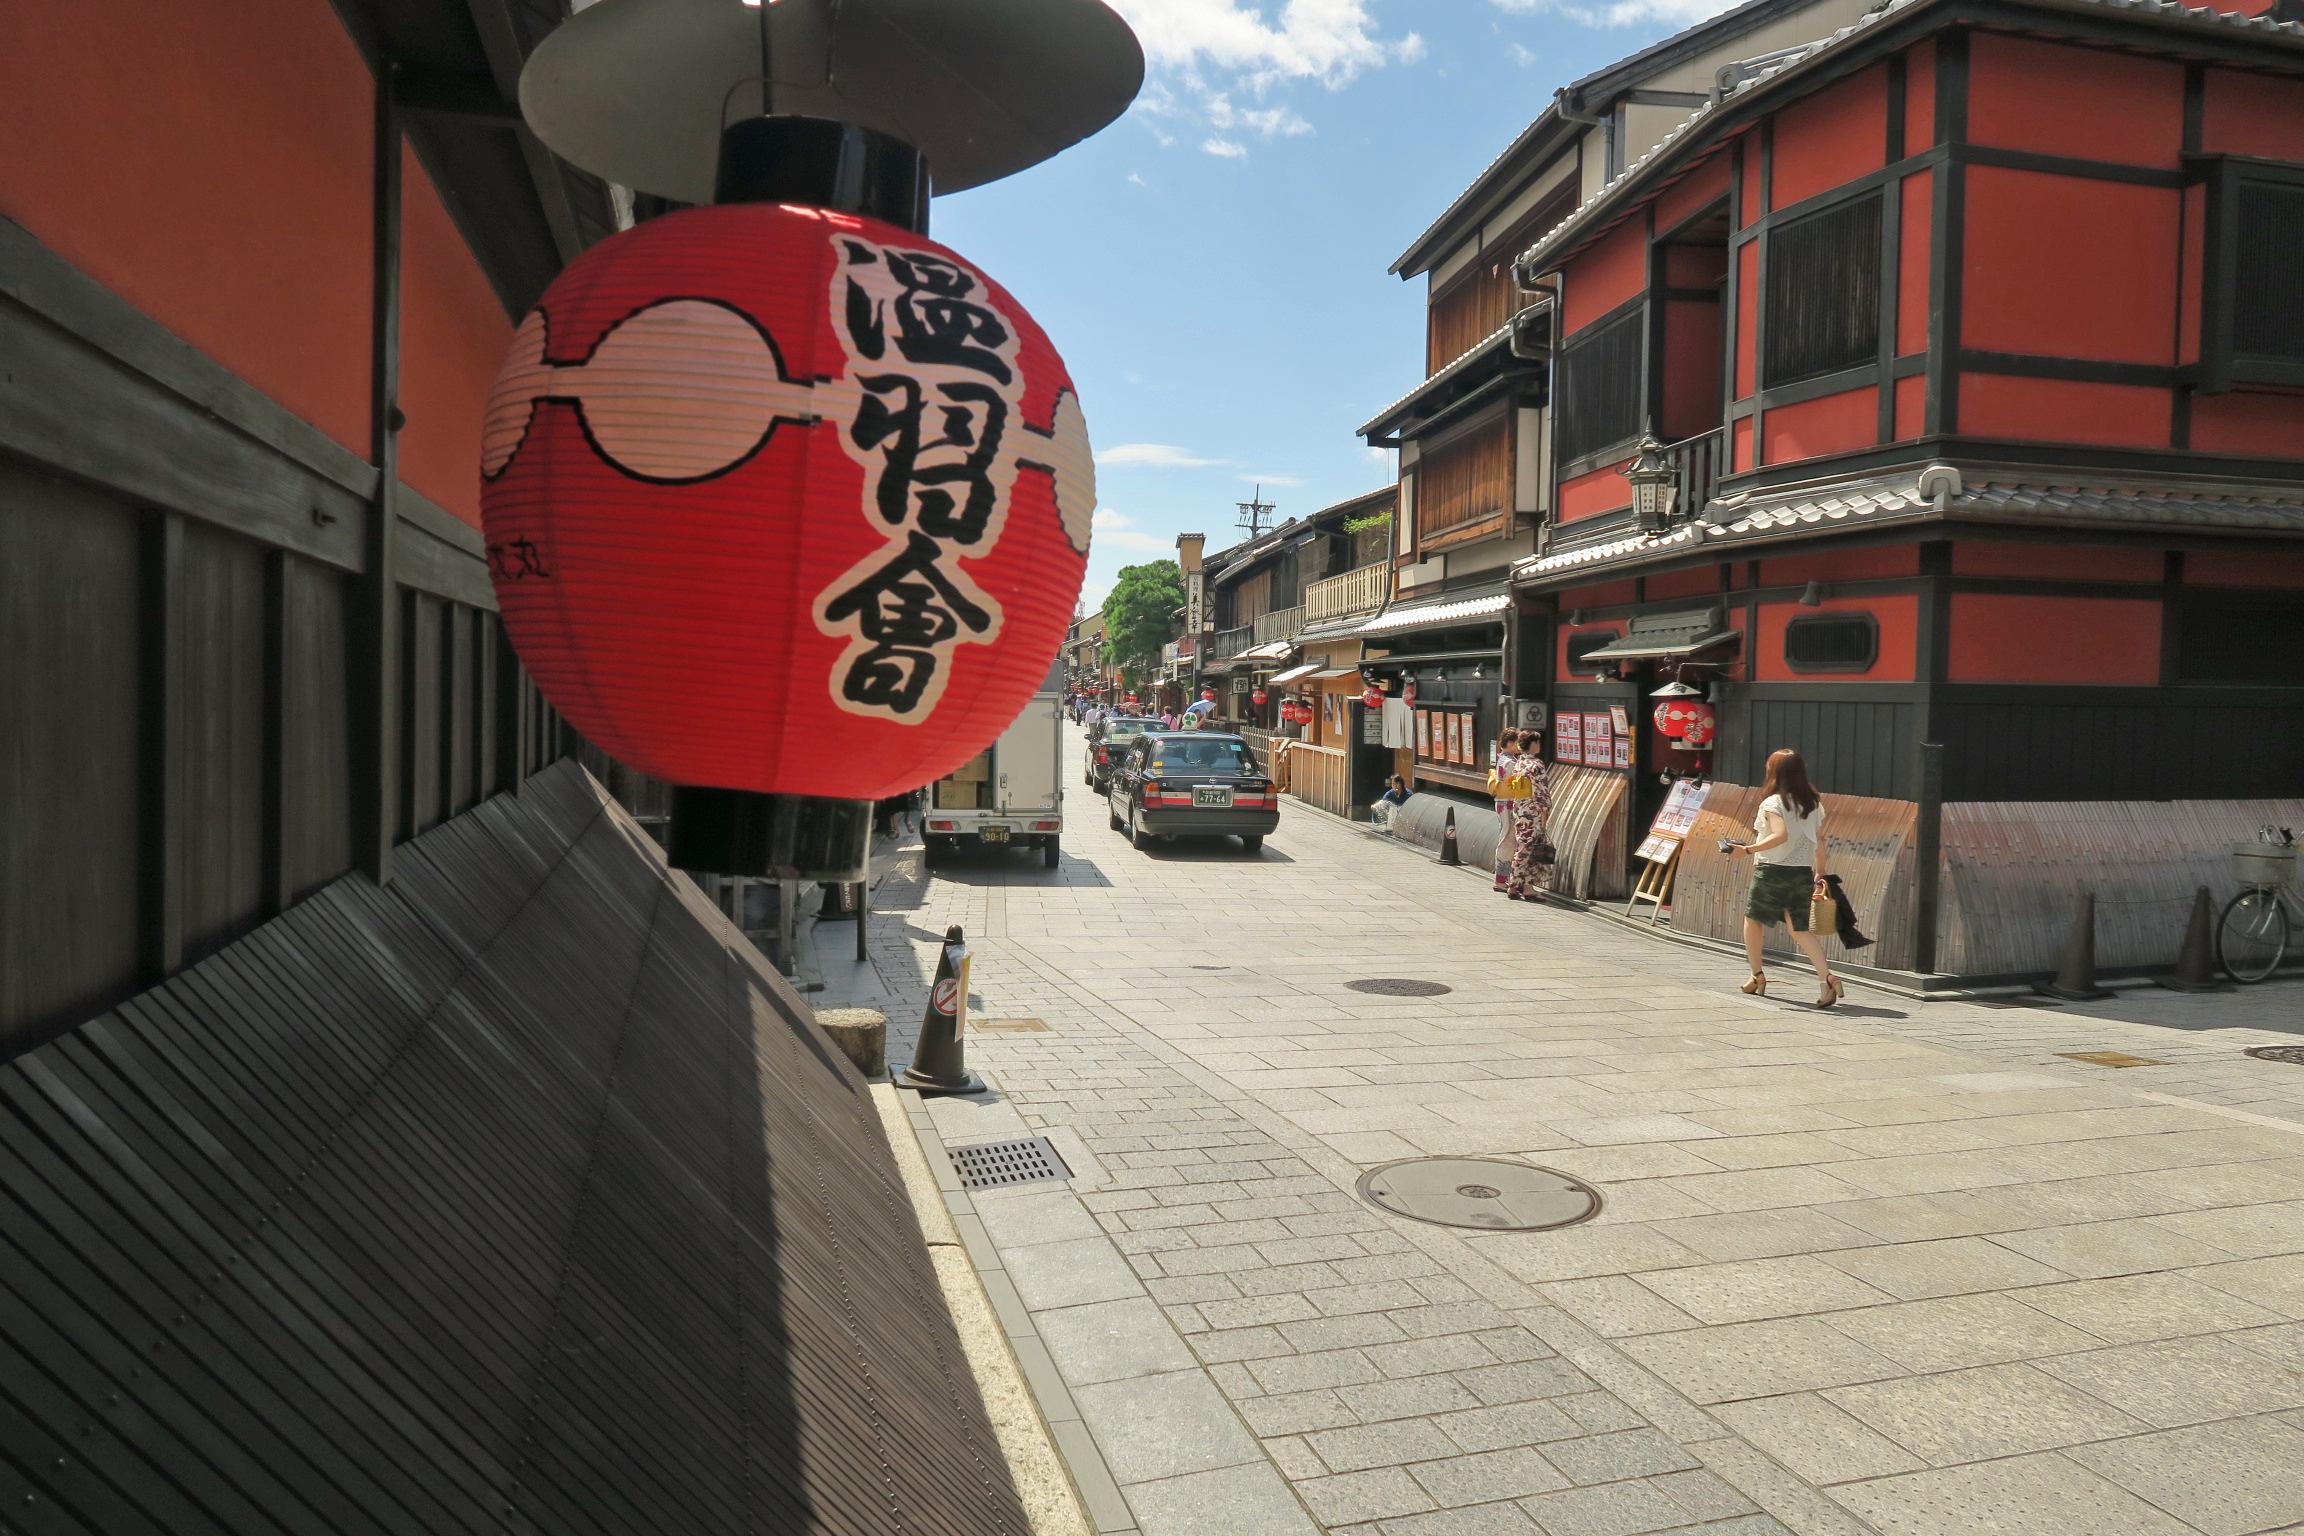 祇園の中心を通る花見小路通。電線類が地中化されていて美しい町並です。